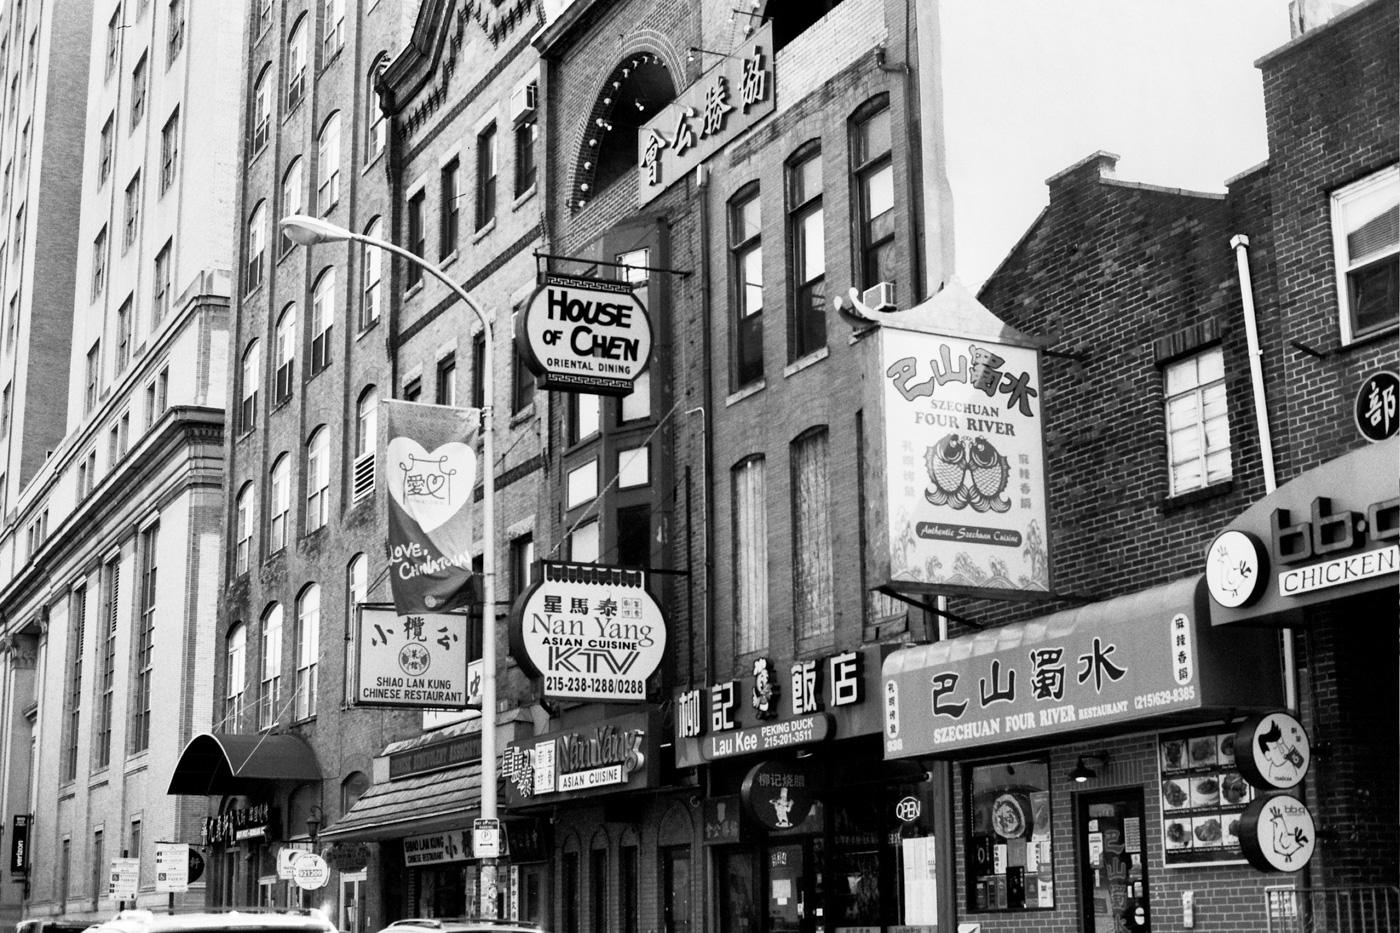 Love, Chinatown